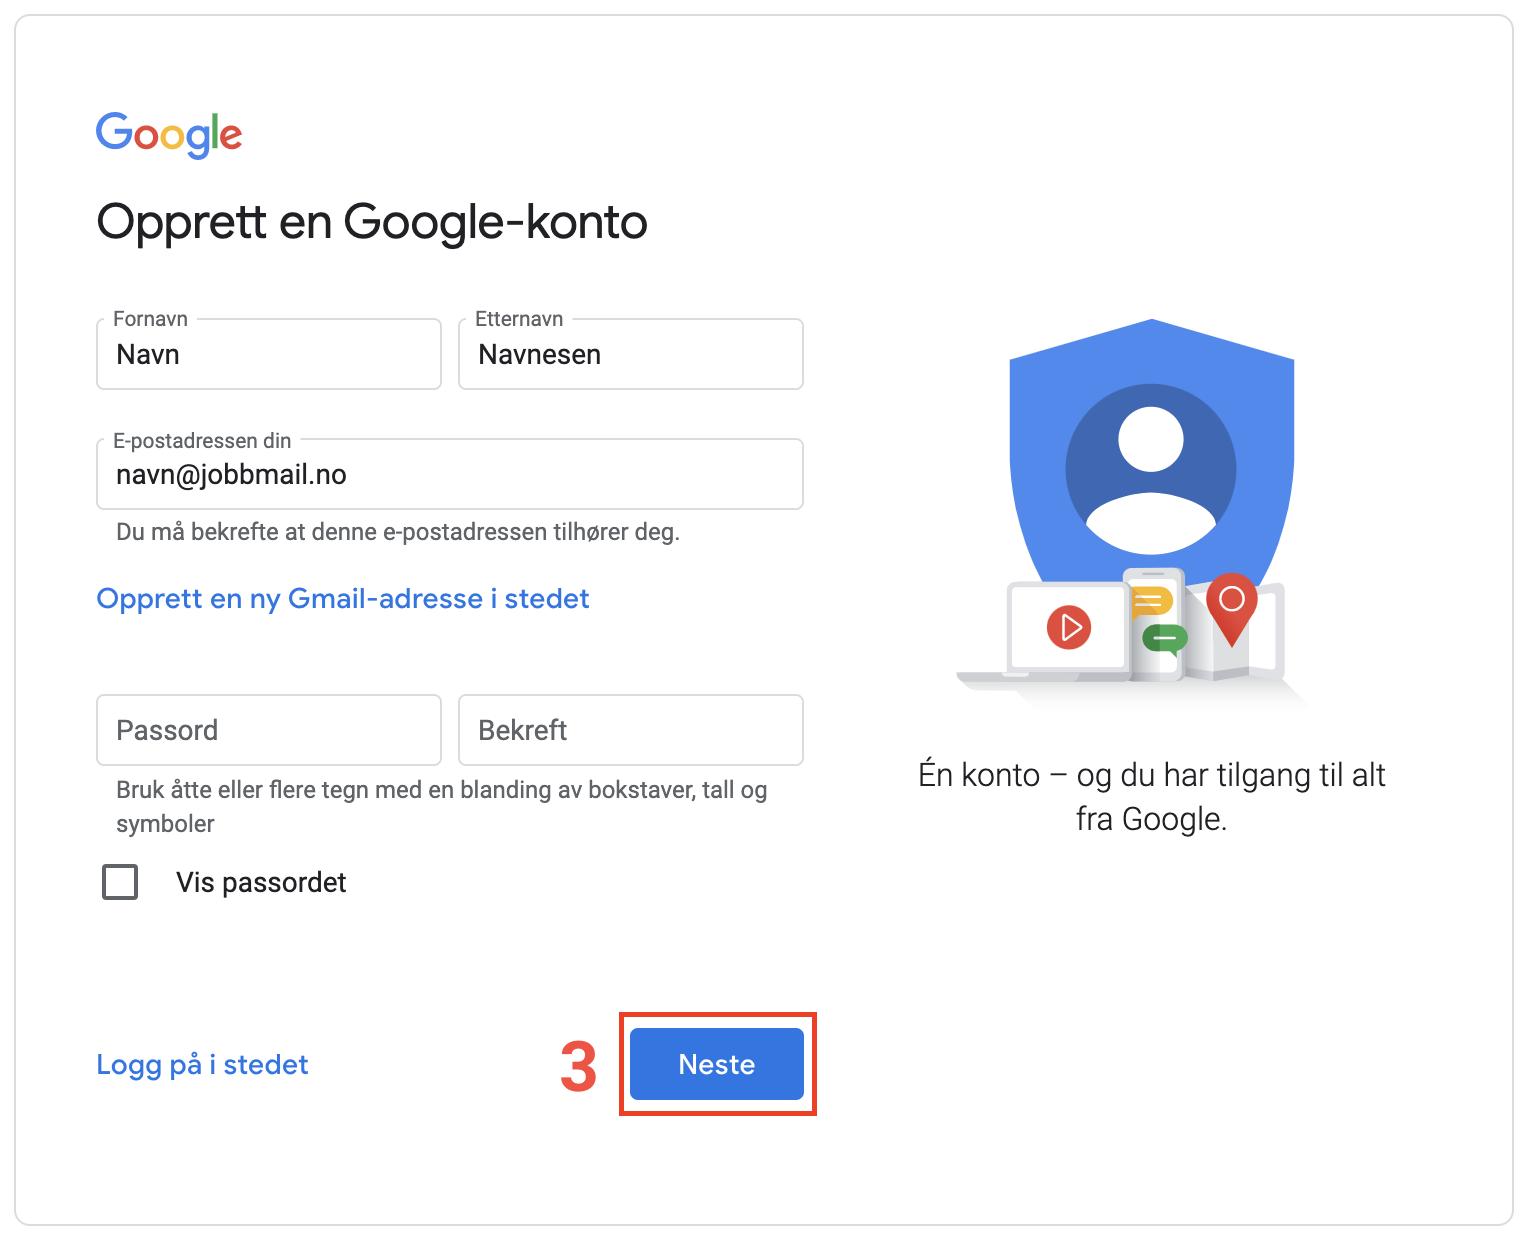 Opprettelse av Google-konto steg 3